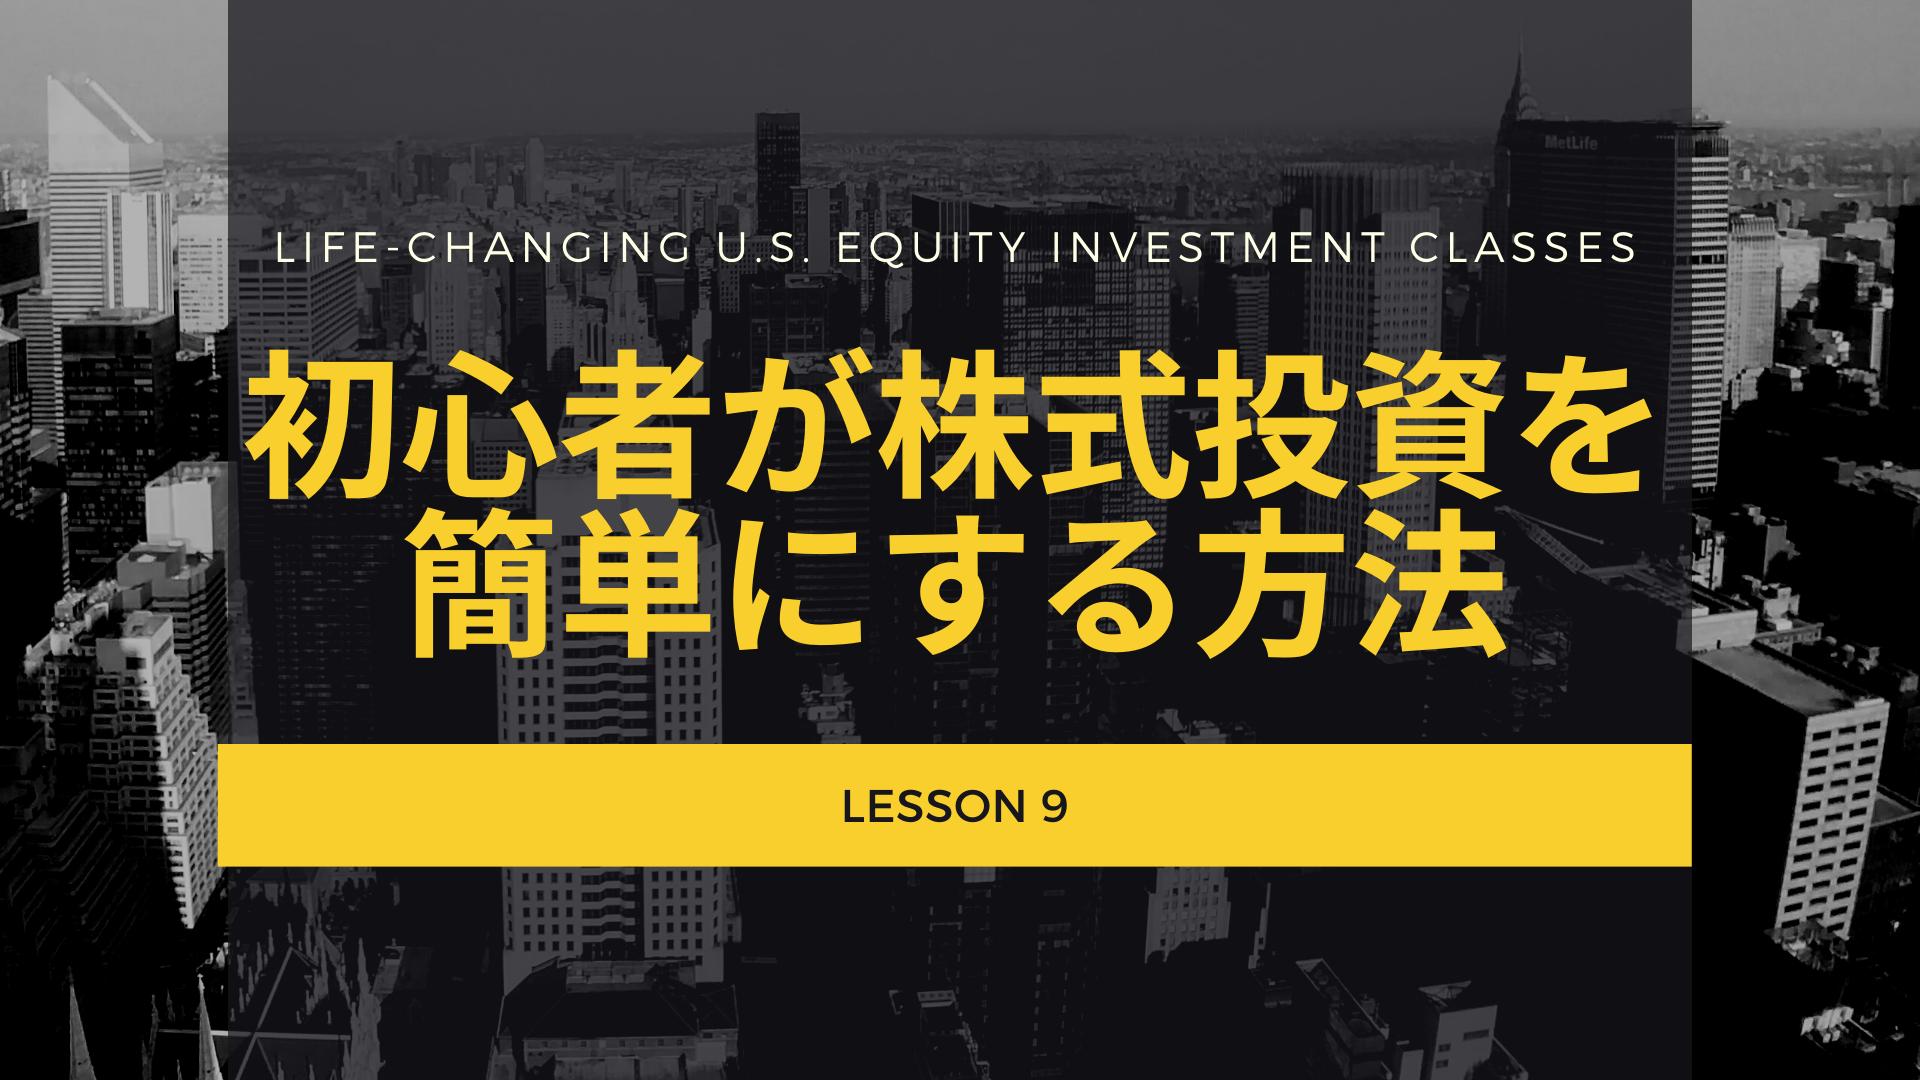 株式投資を初心者が簡単にする方法